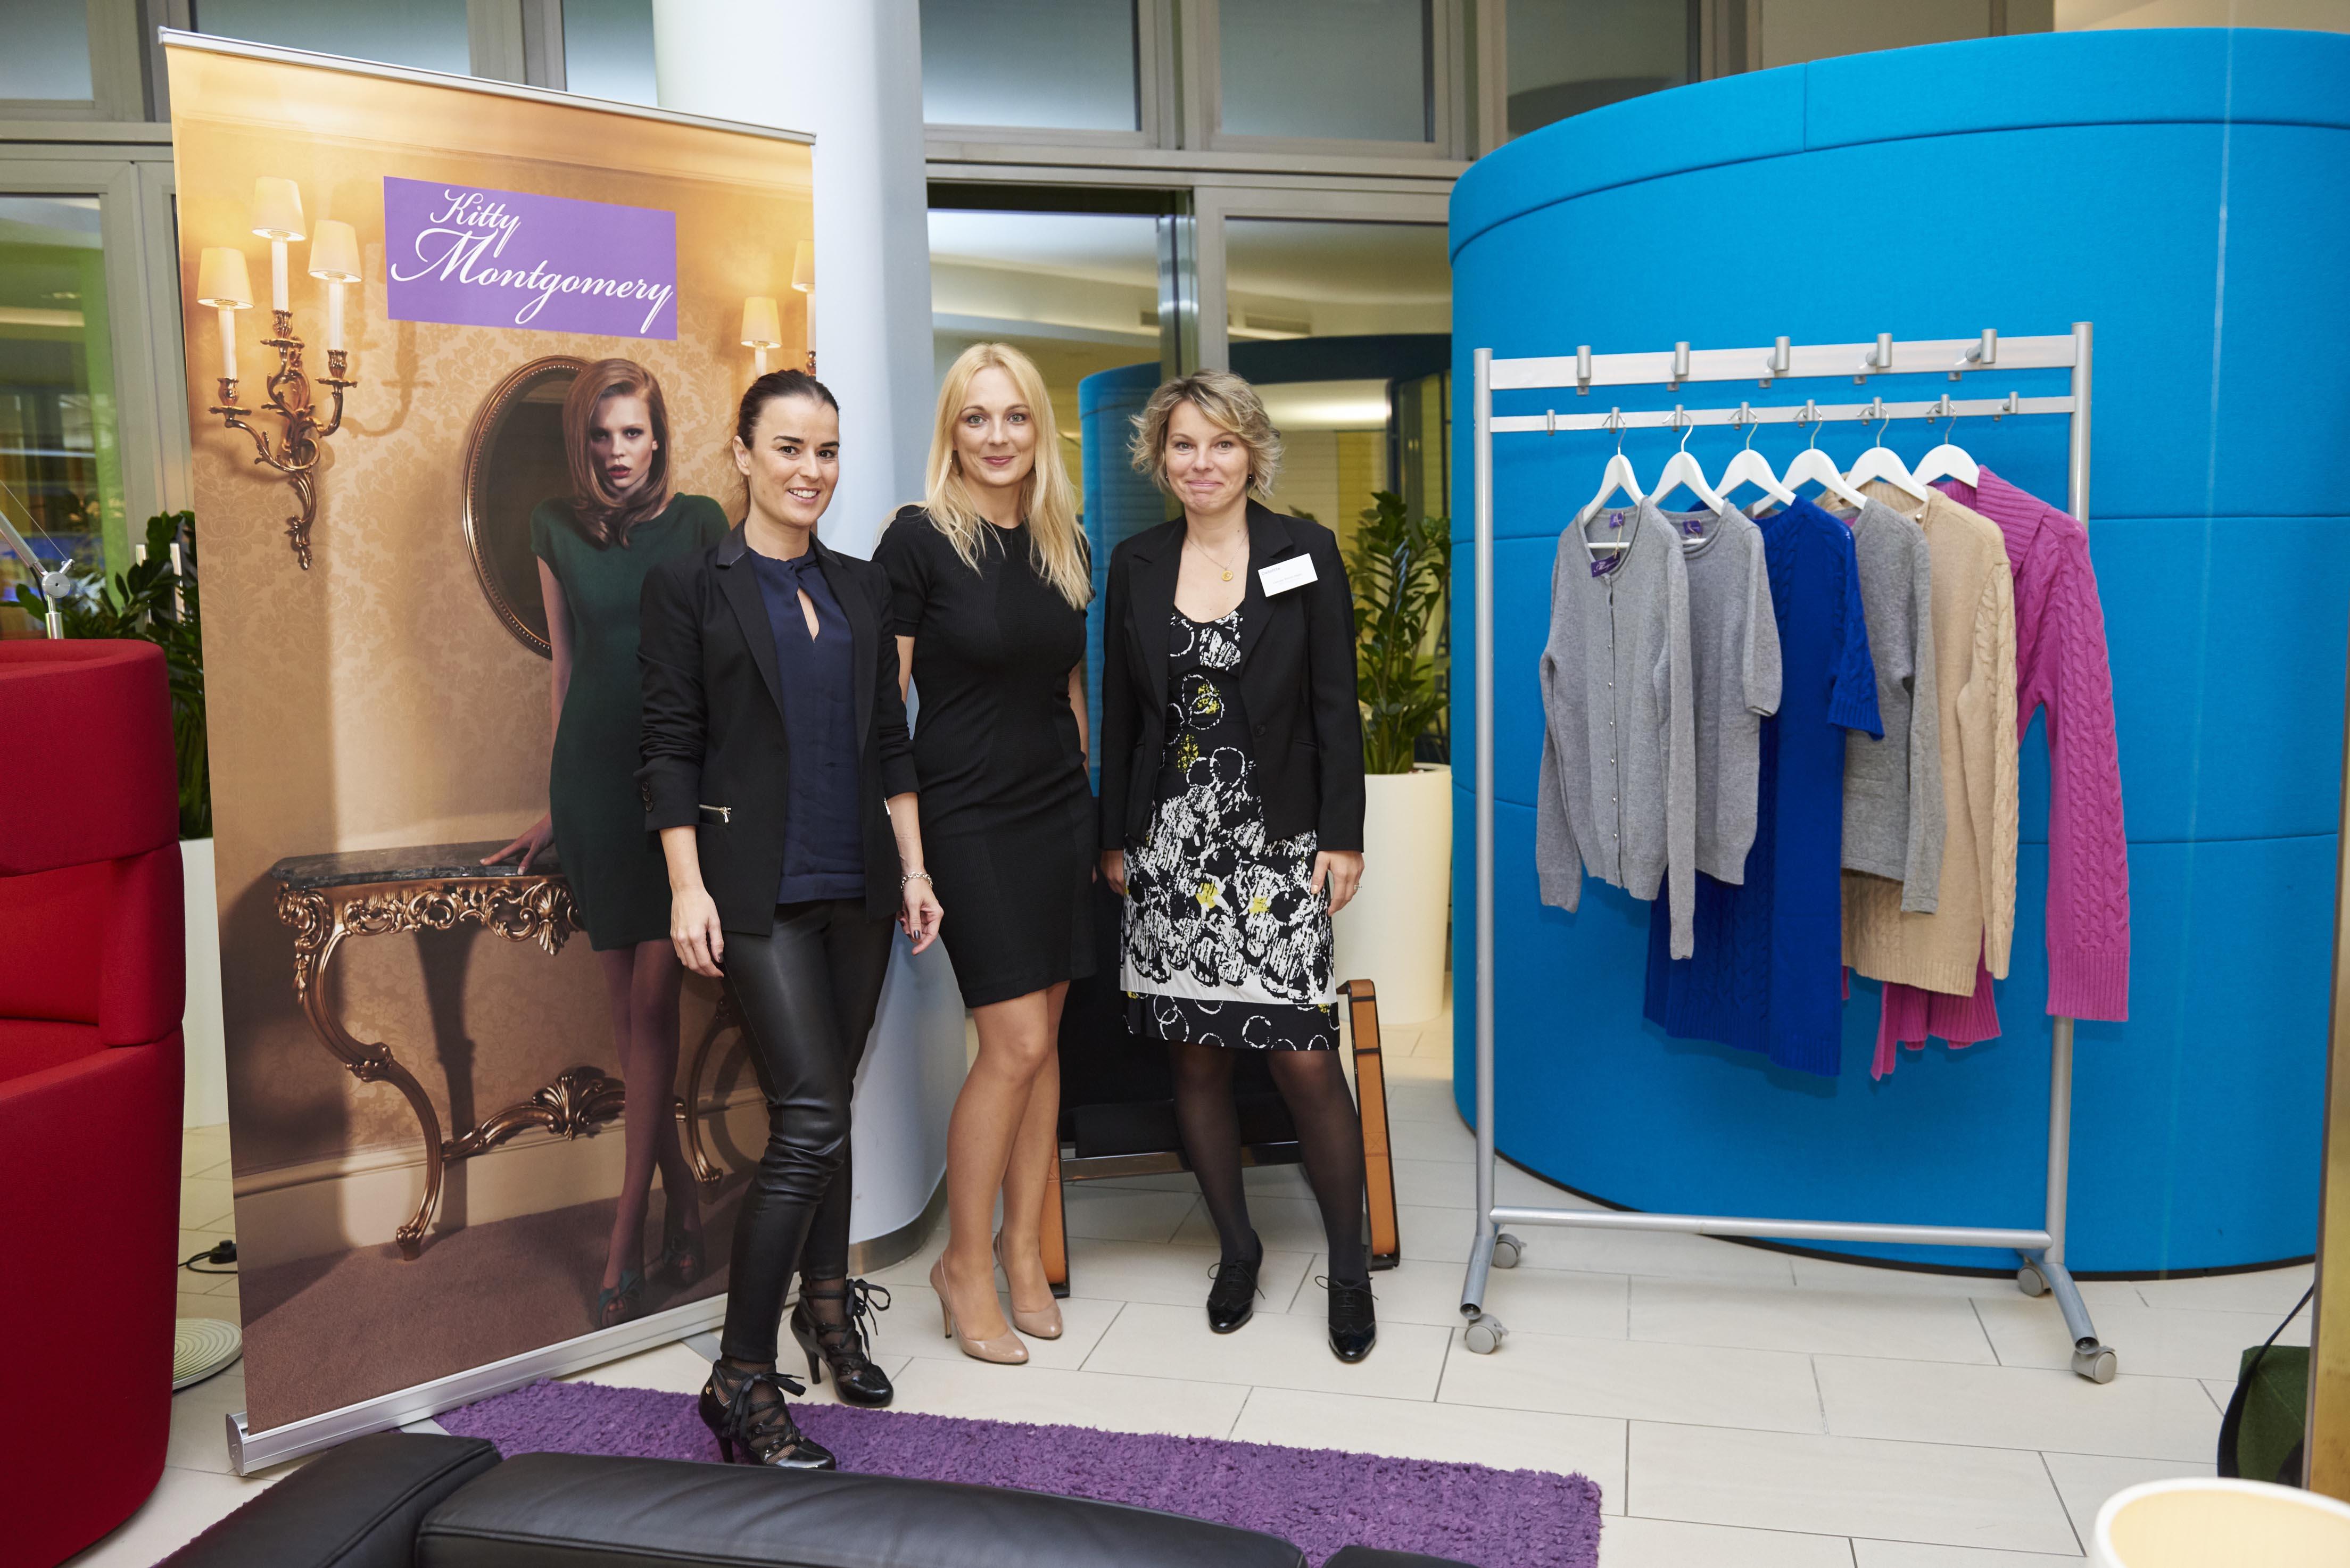 Kitty montgomery fashion show ccfa chambre de commerce for Chambre de commerce franco portugaise